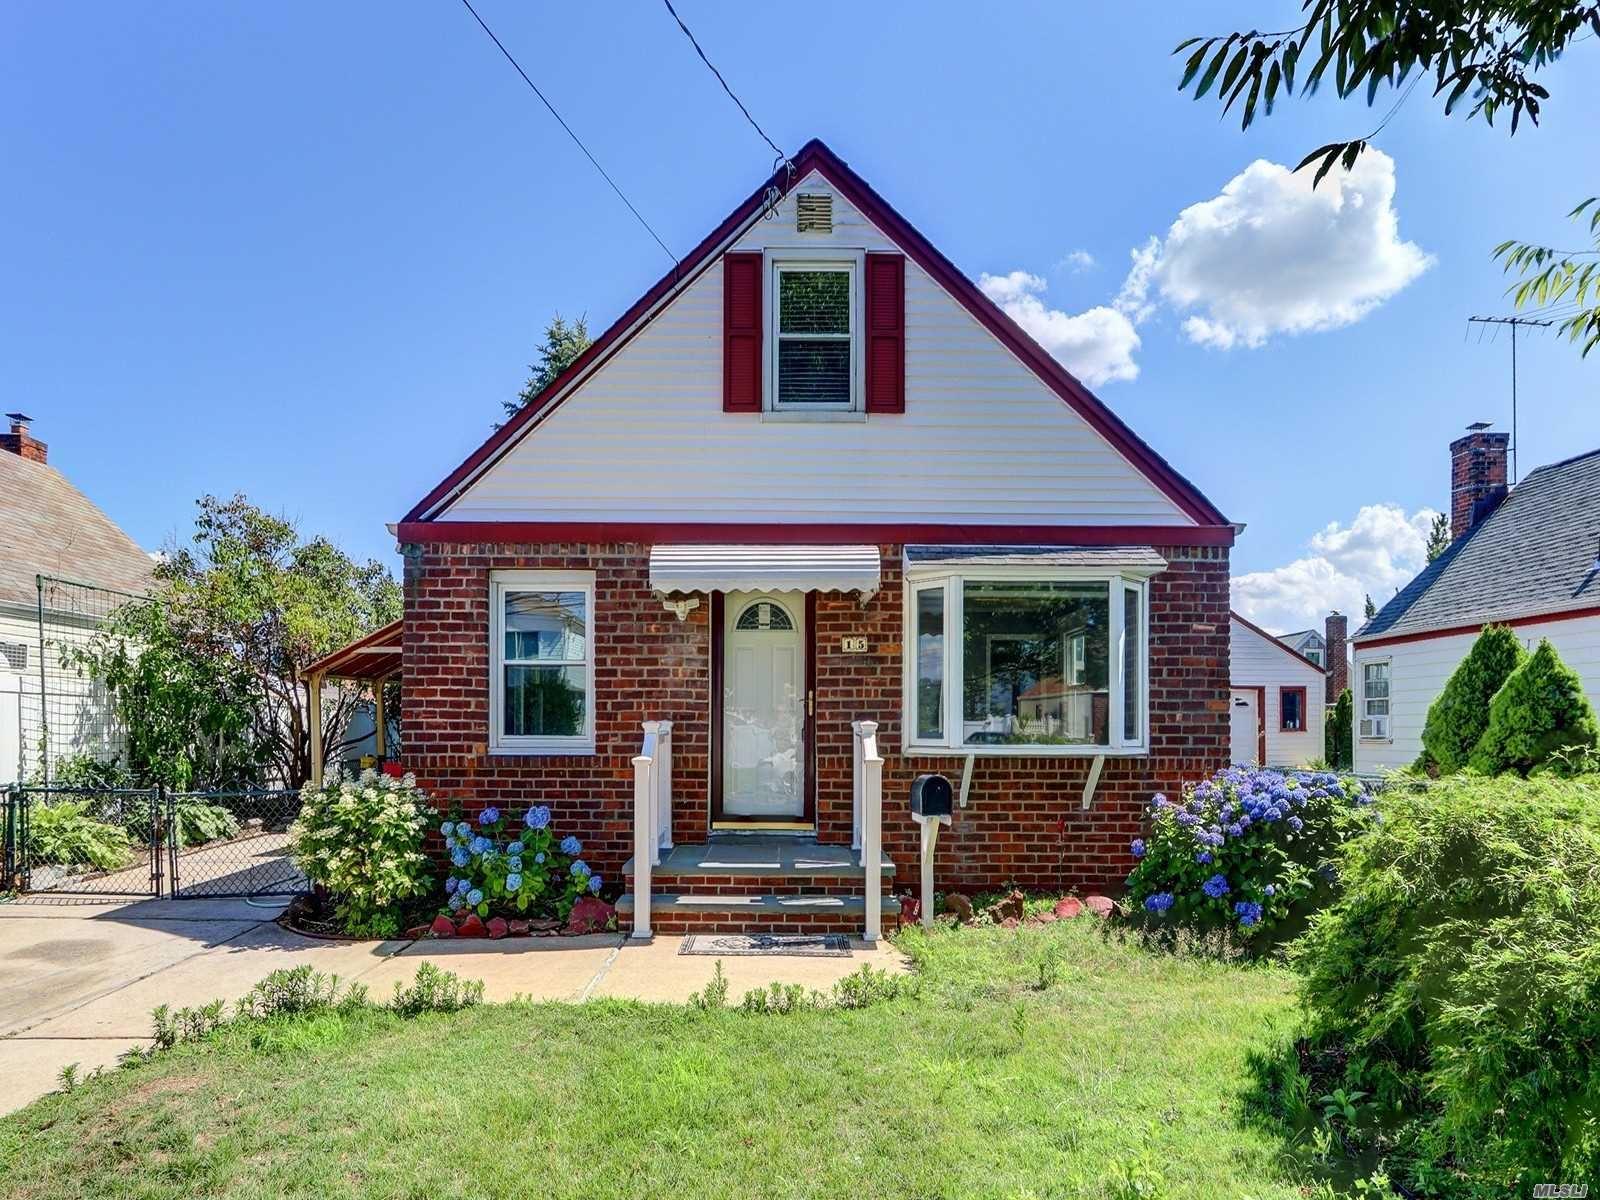 15 Marvin Ave, Hicksville, NY 11801 - MLS#: 3220627